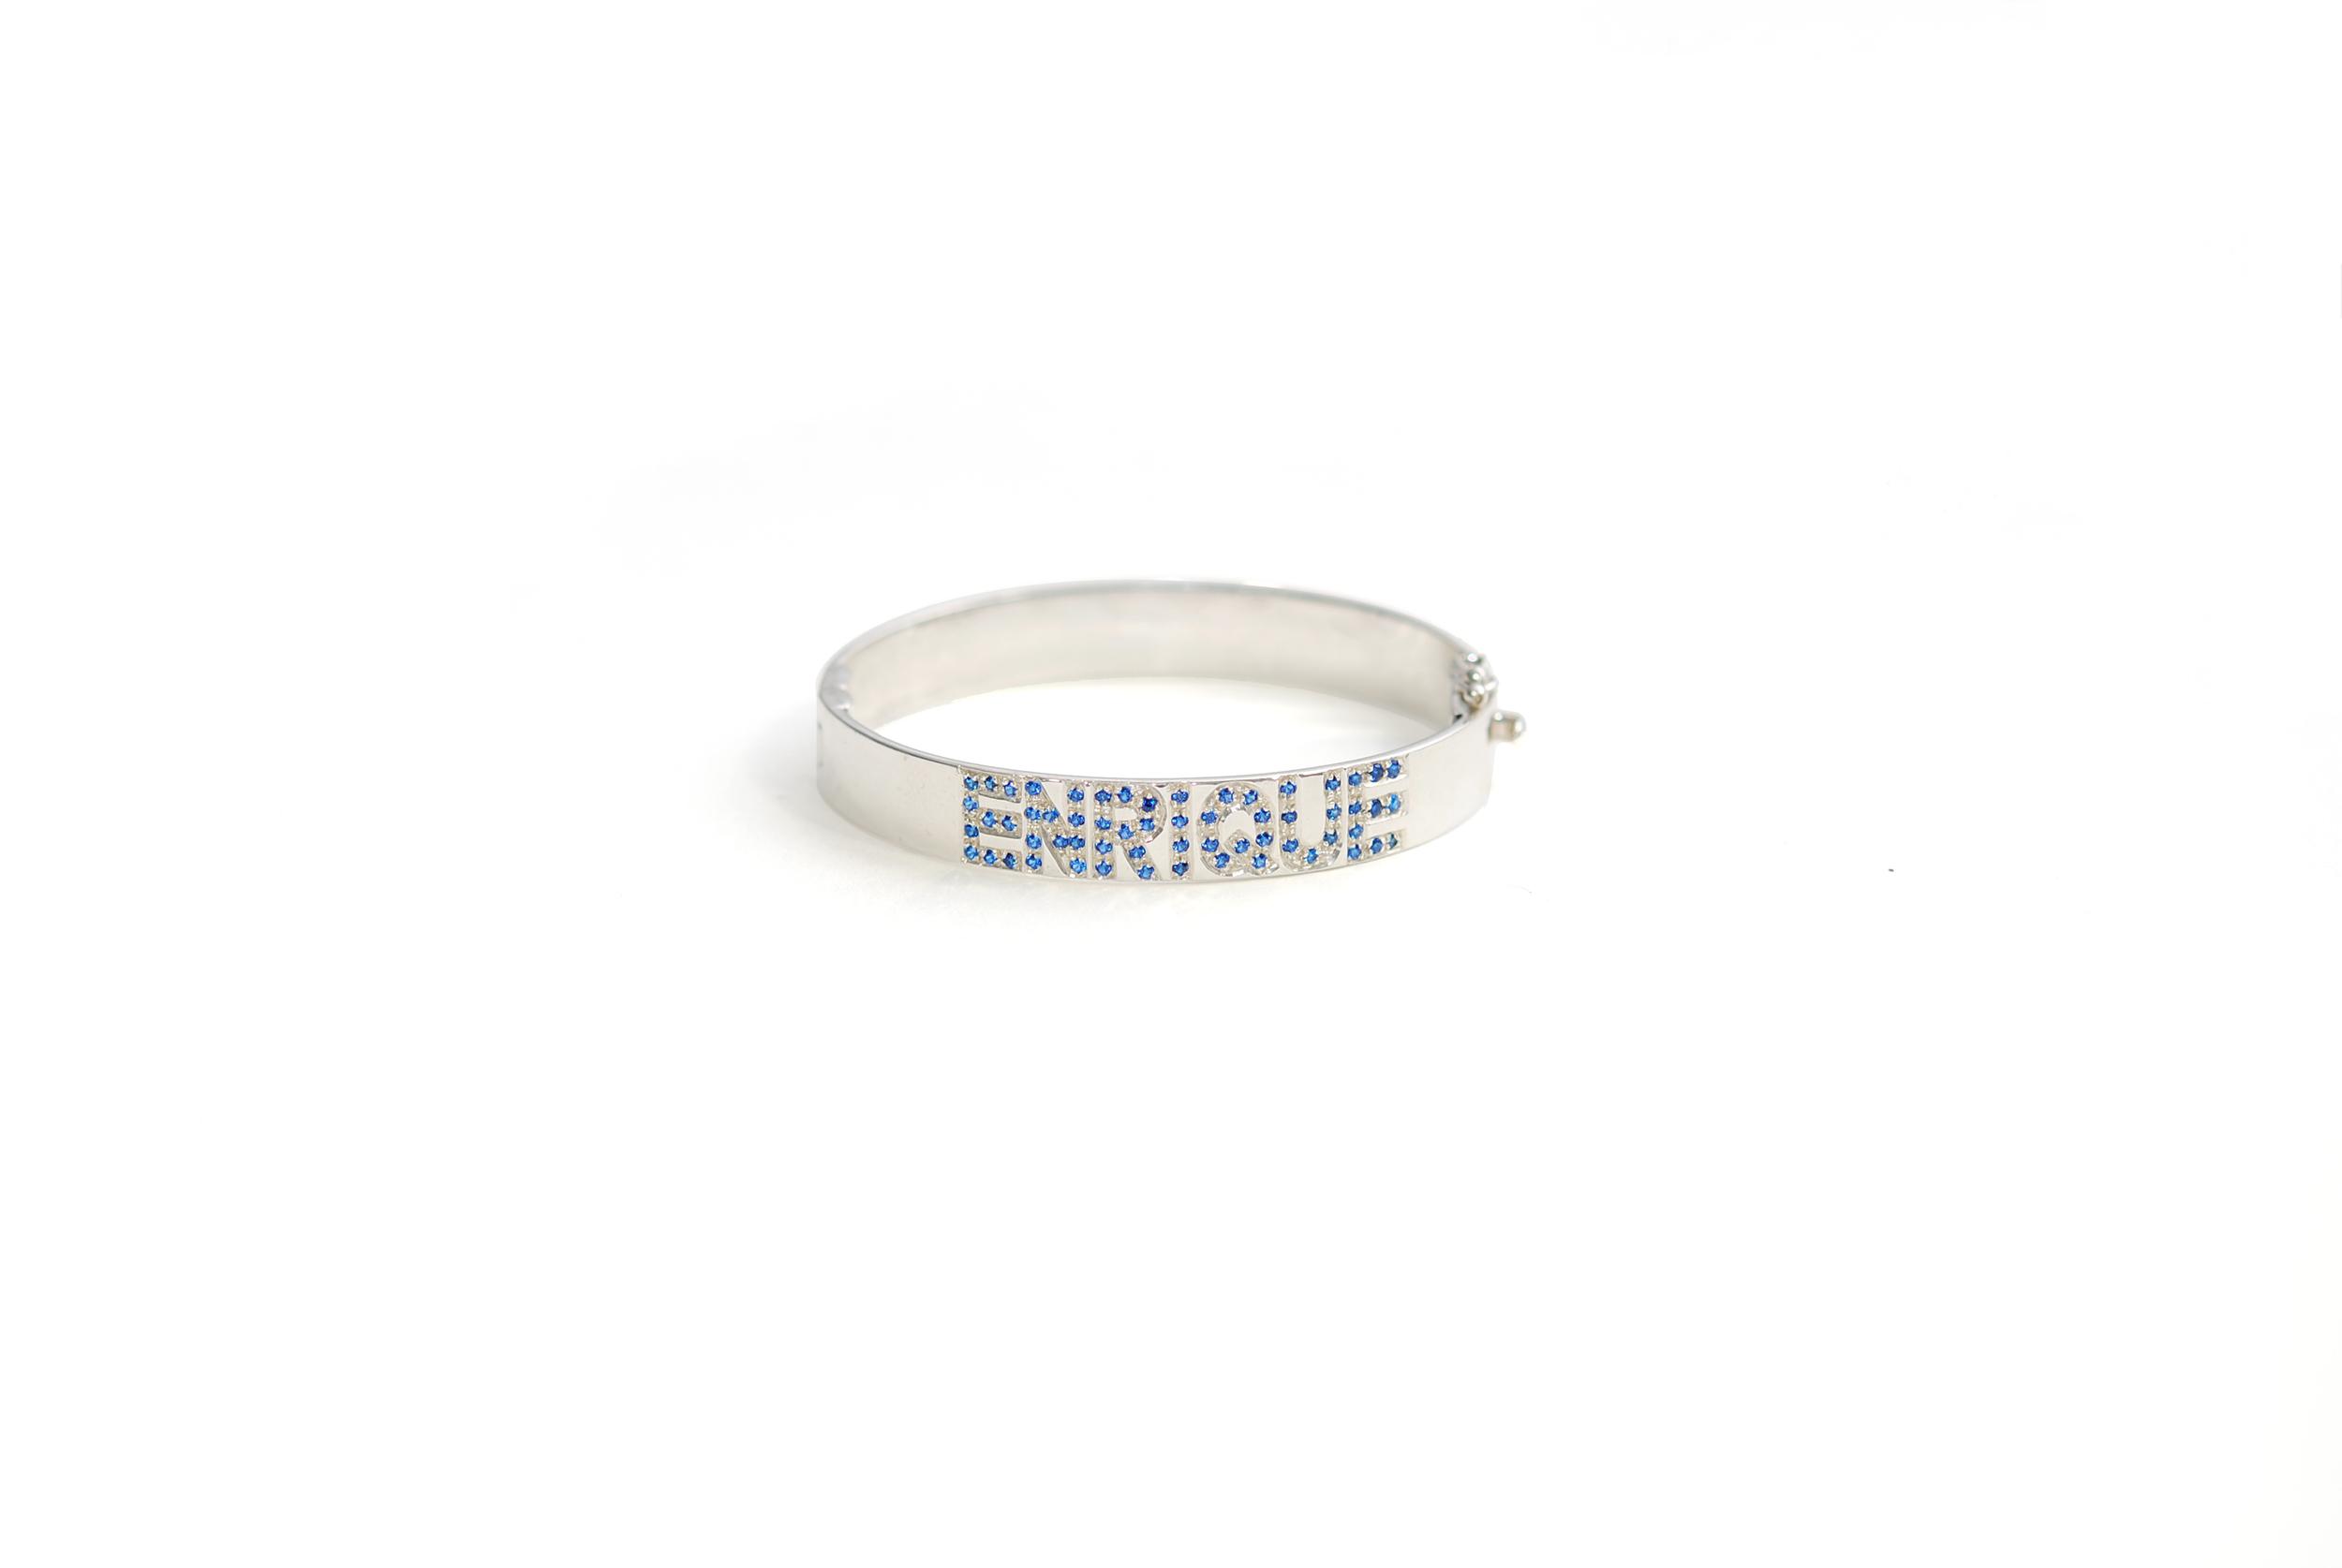 Bracelet_04.jpg